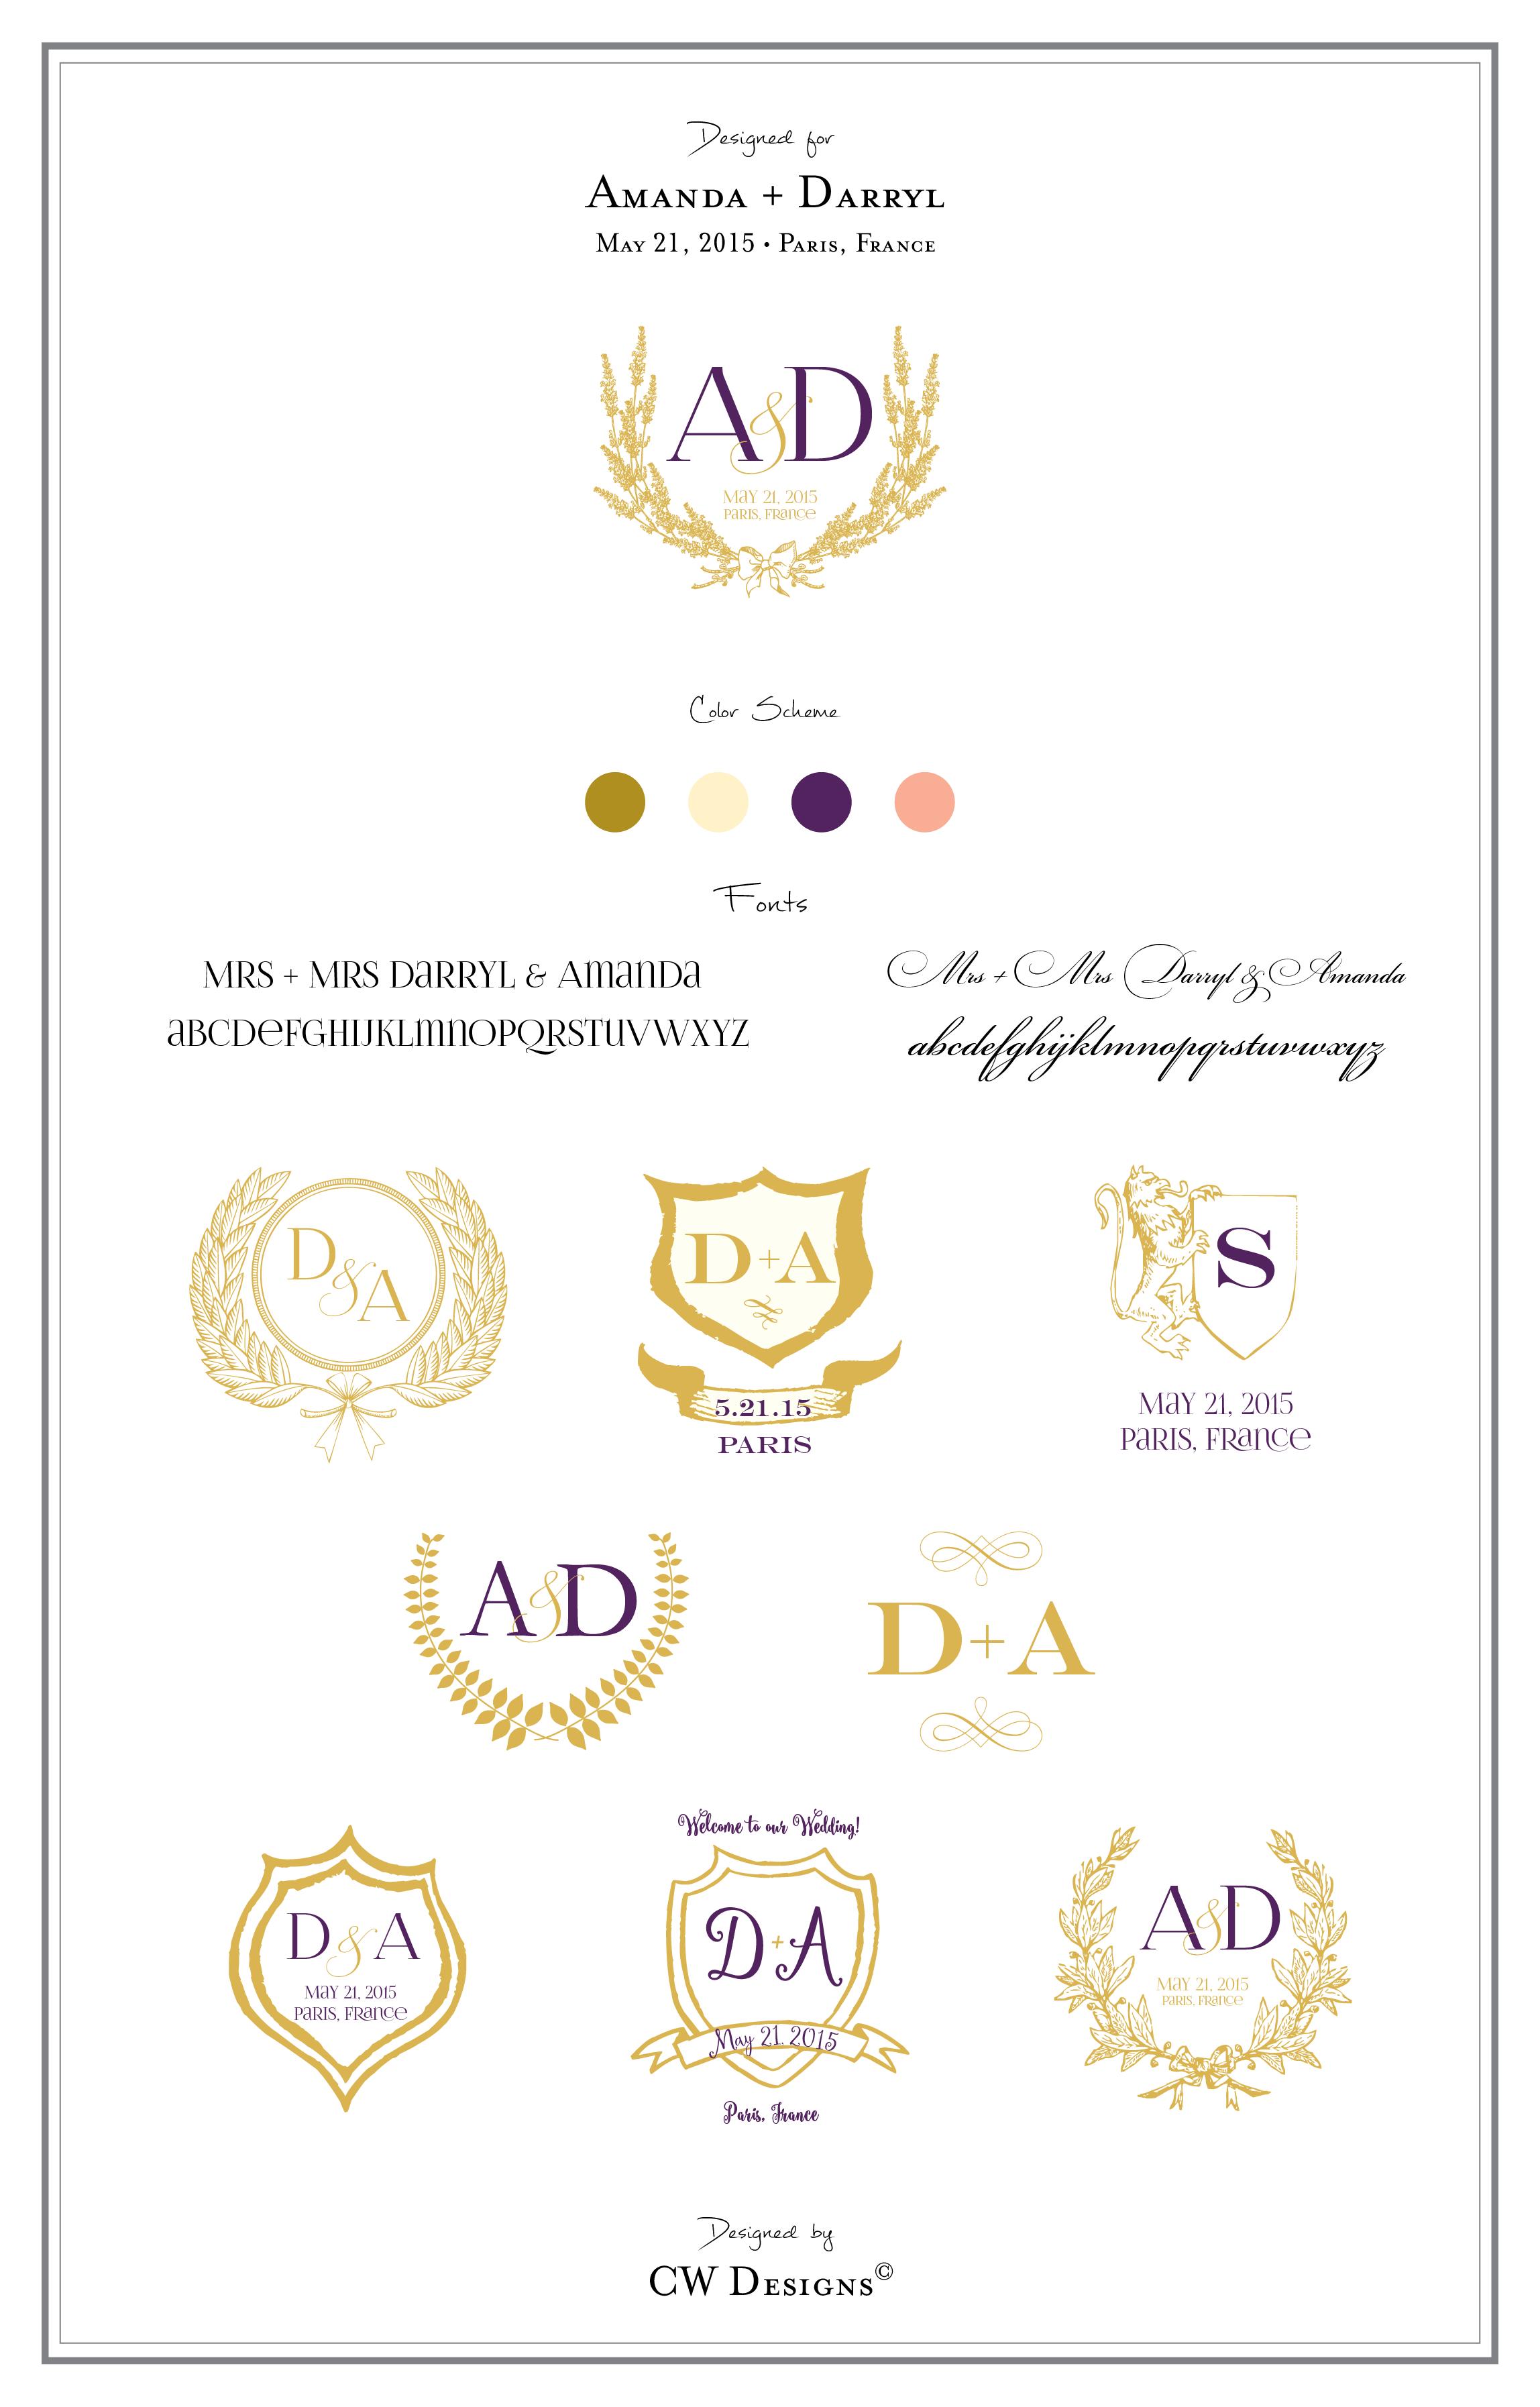 Paris Darryl & Amanda Monogram for Website-01.png